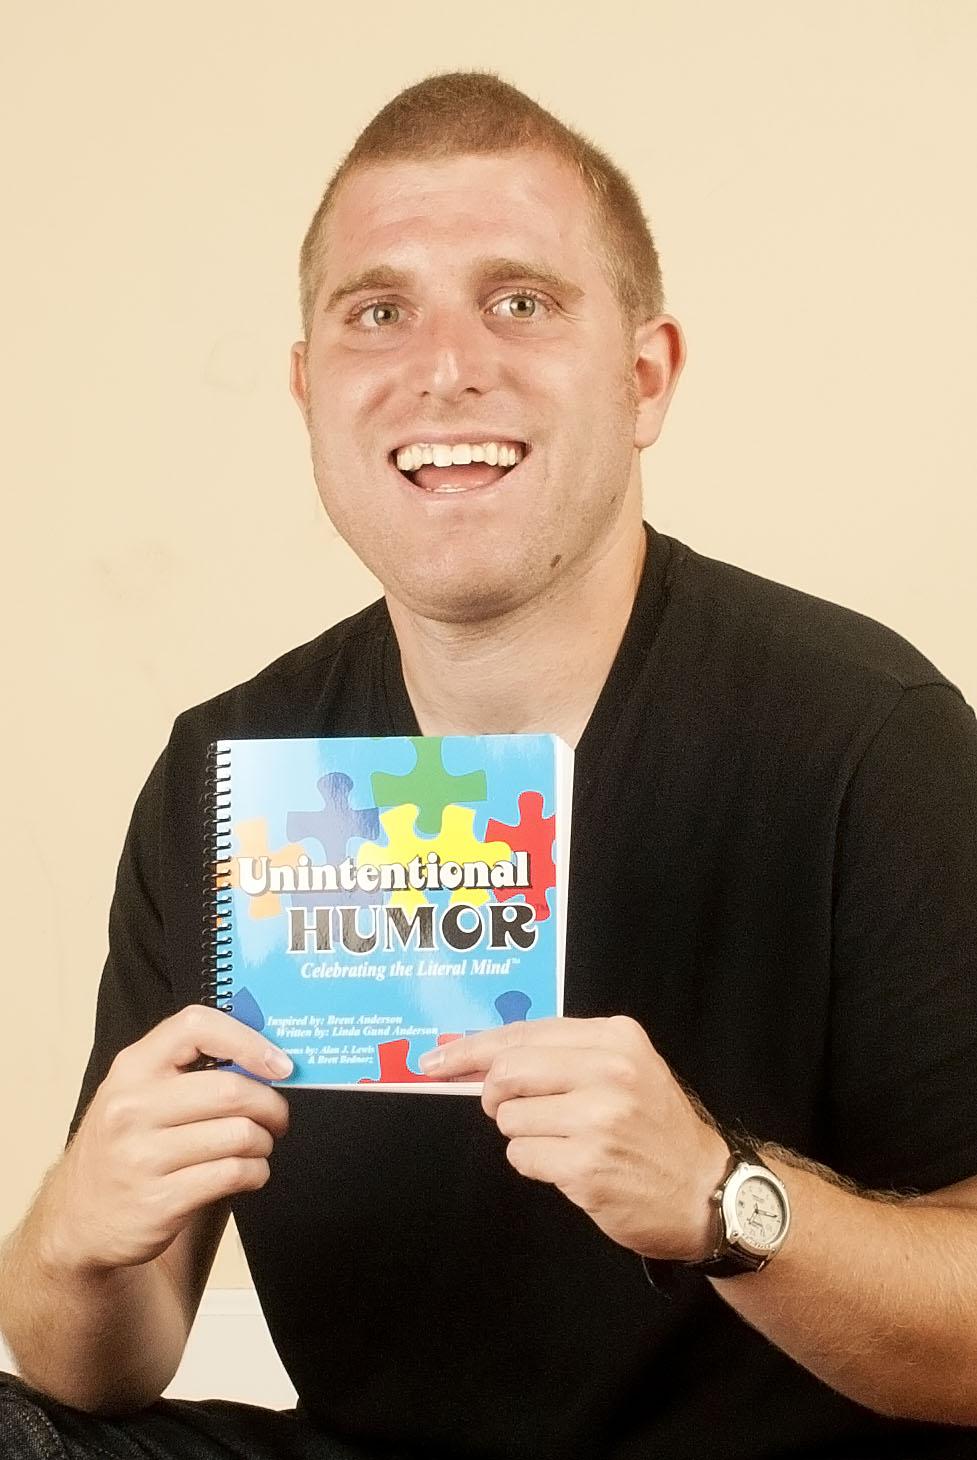 BrentAndersonwithbook